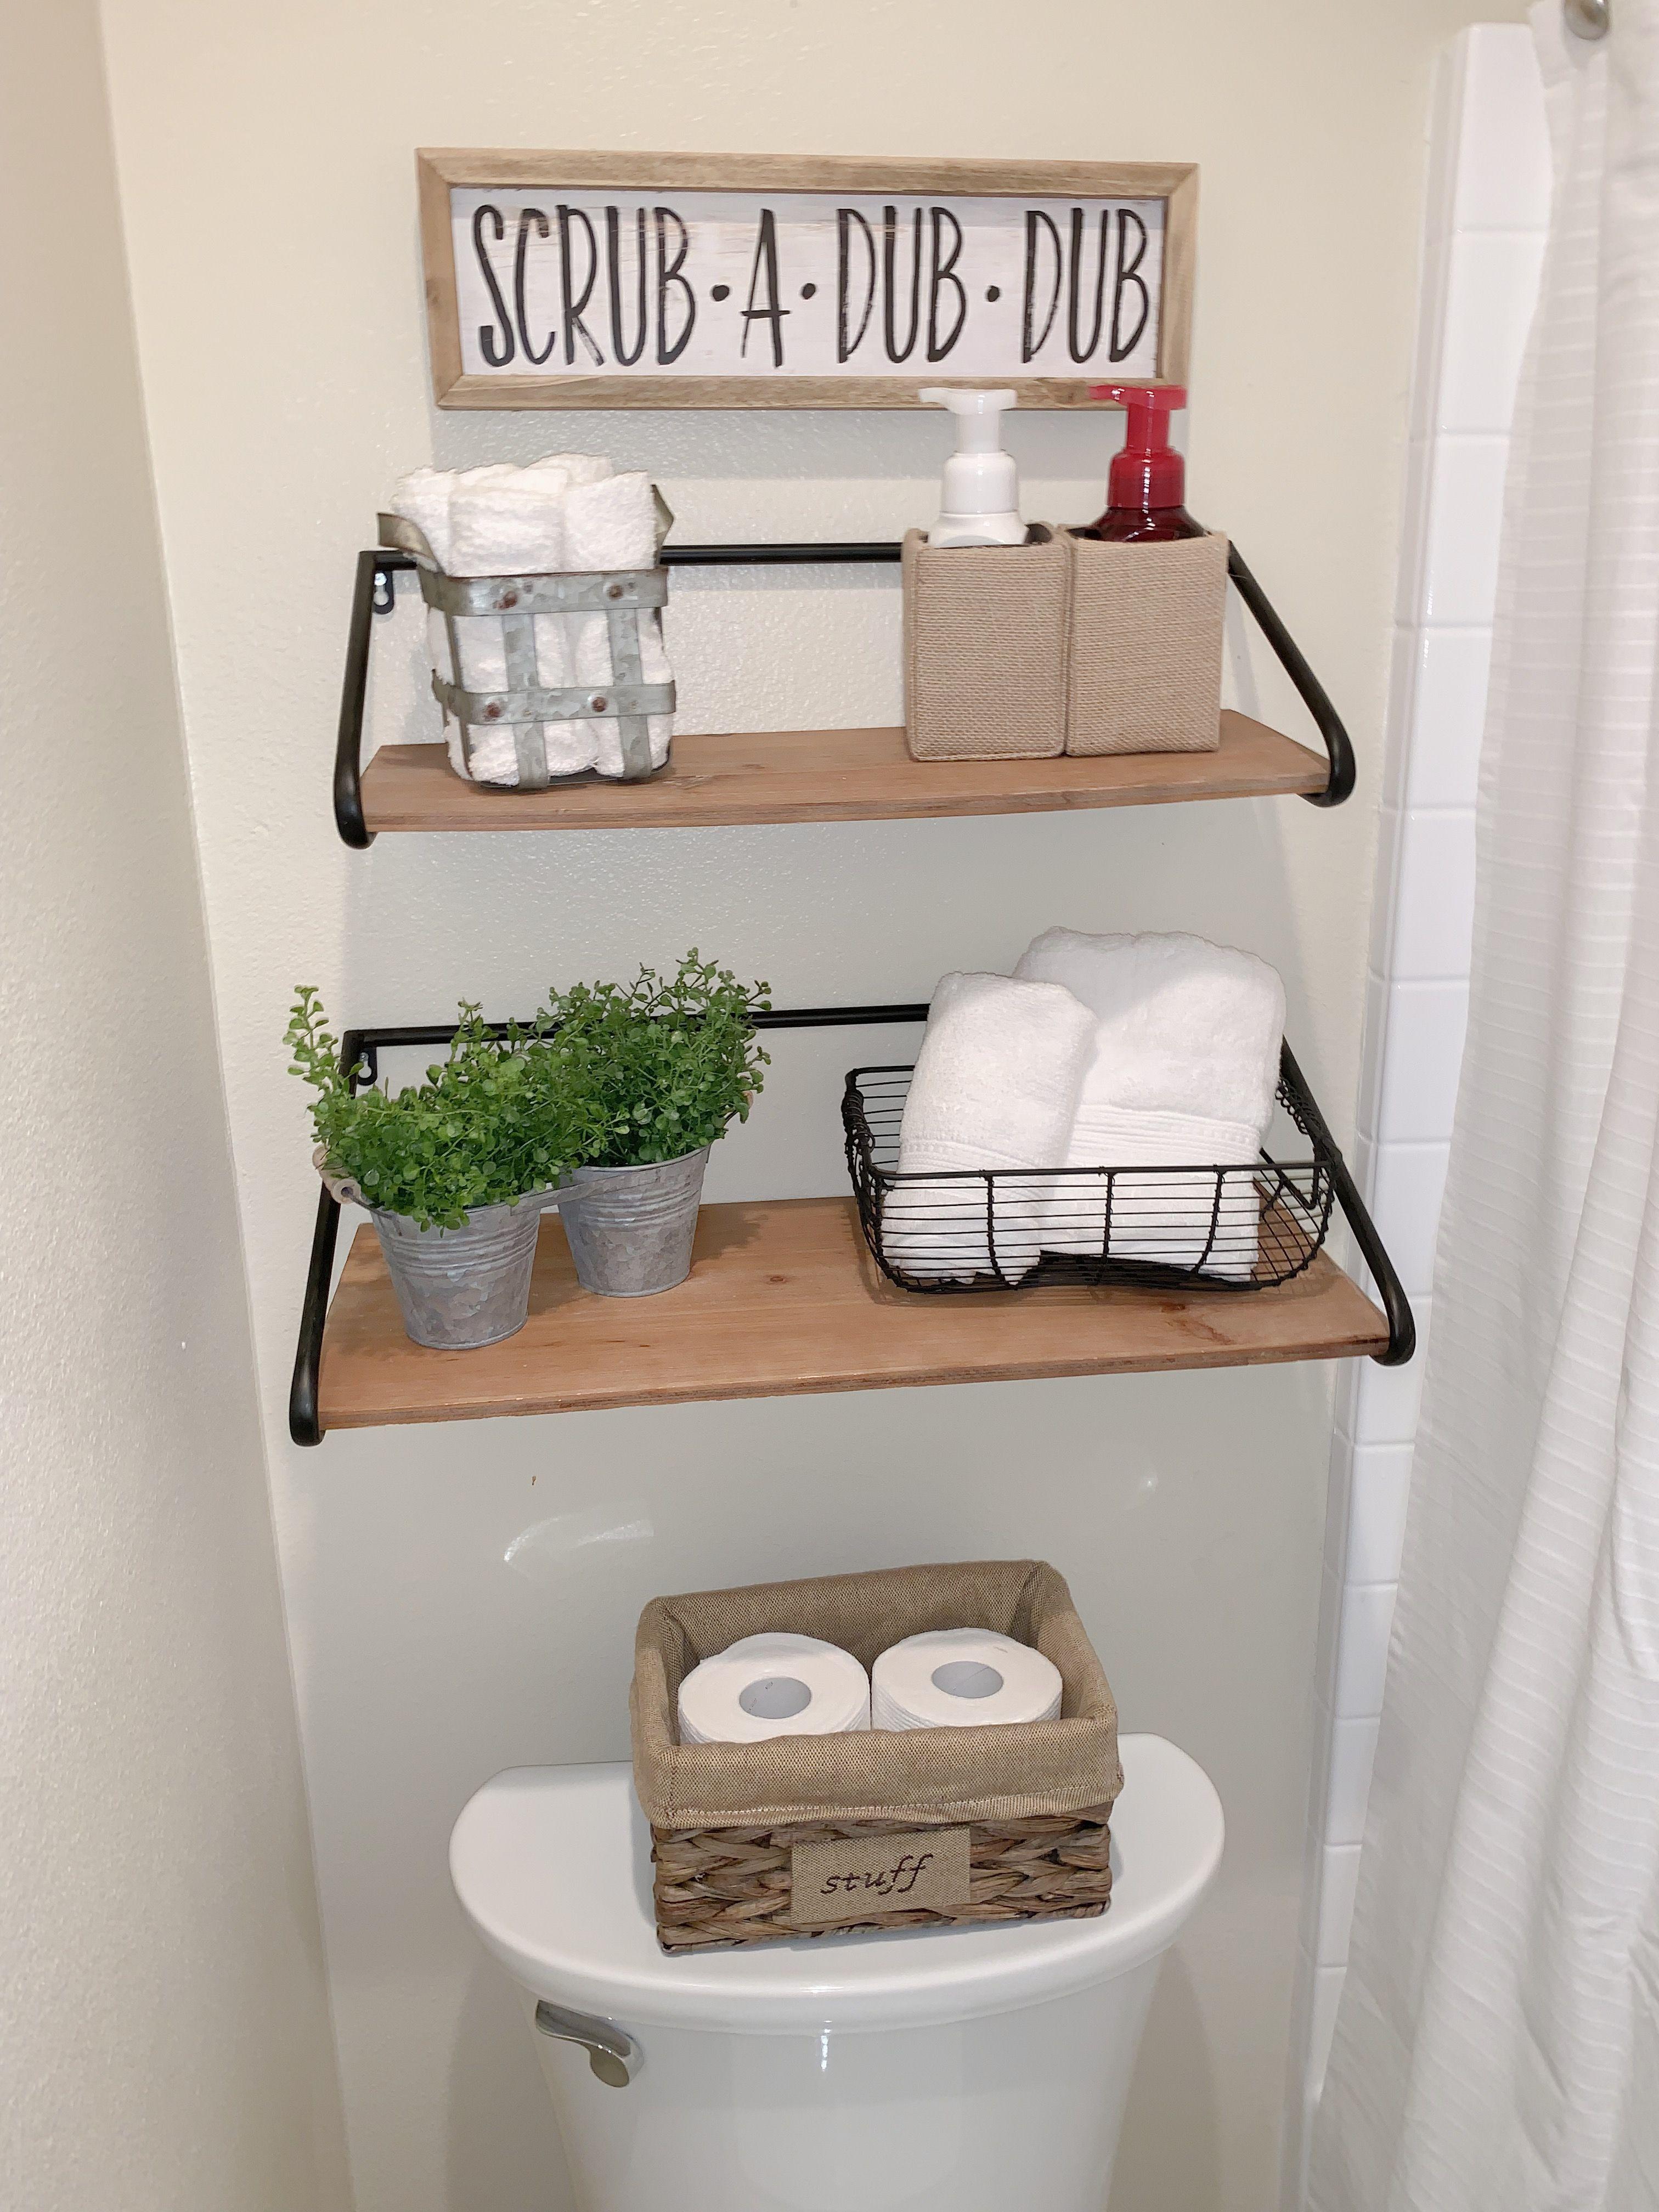 Rustic Farmhouse Decor Restroom Decor Hobby Lobby Finds Farmhouse Charm Restroom Decor Bathroom Decor Bathroom Decor Pictures